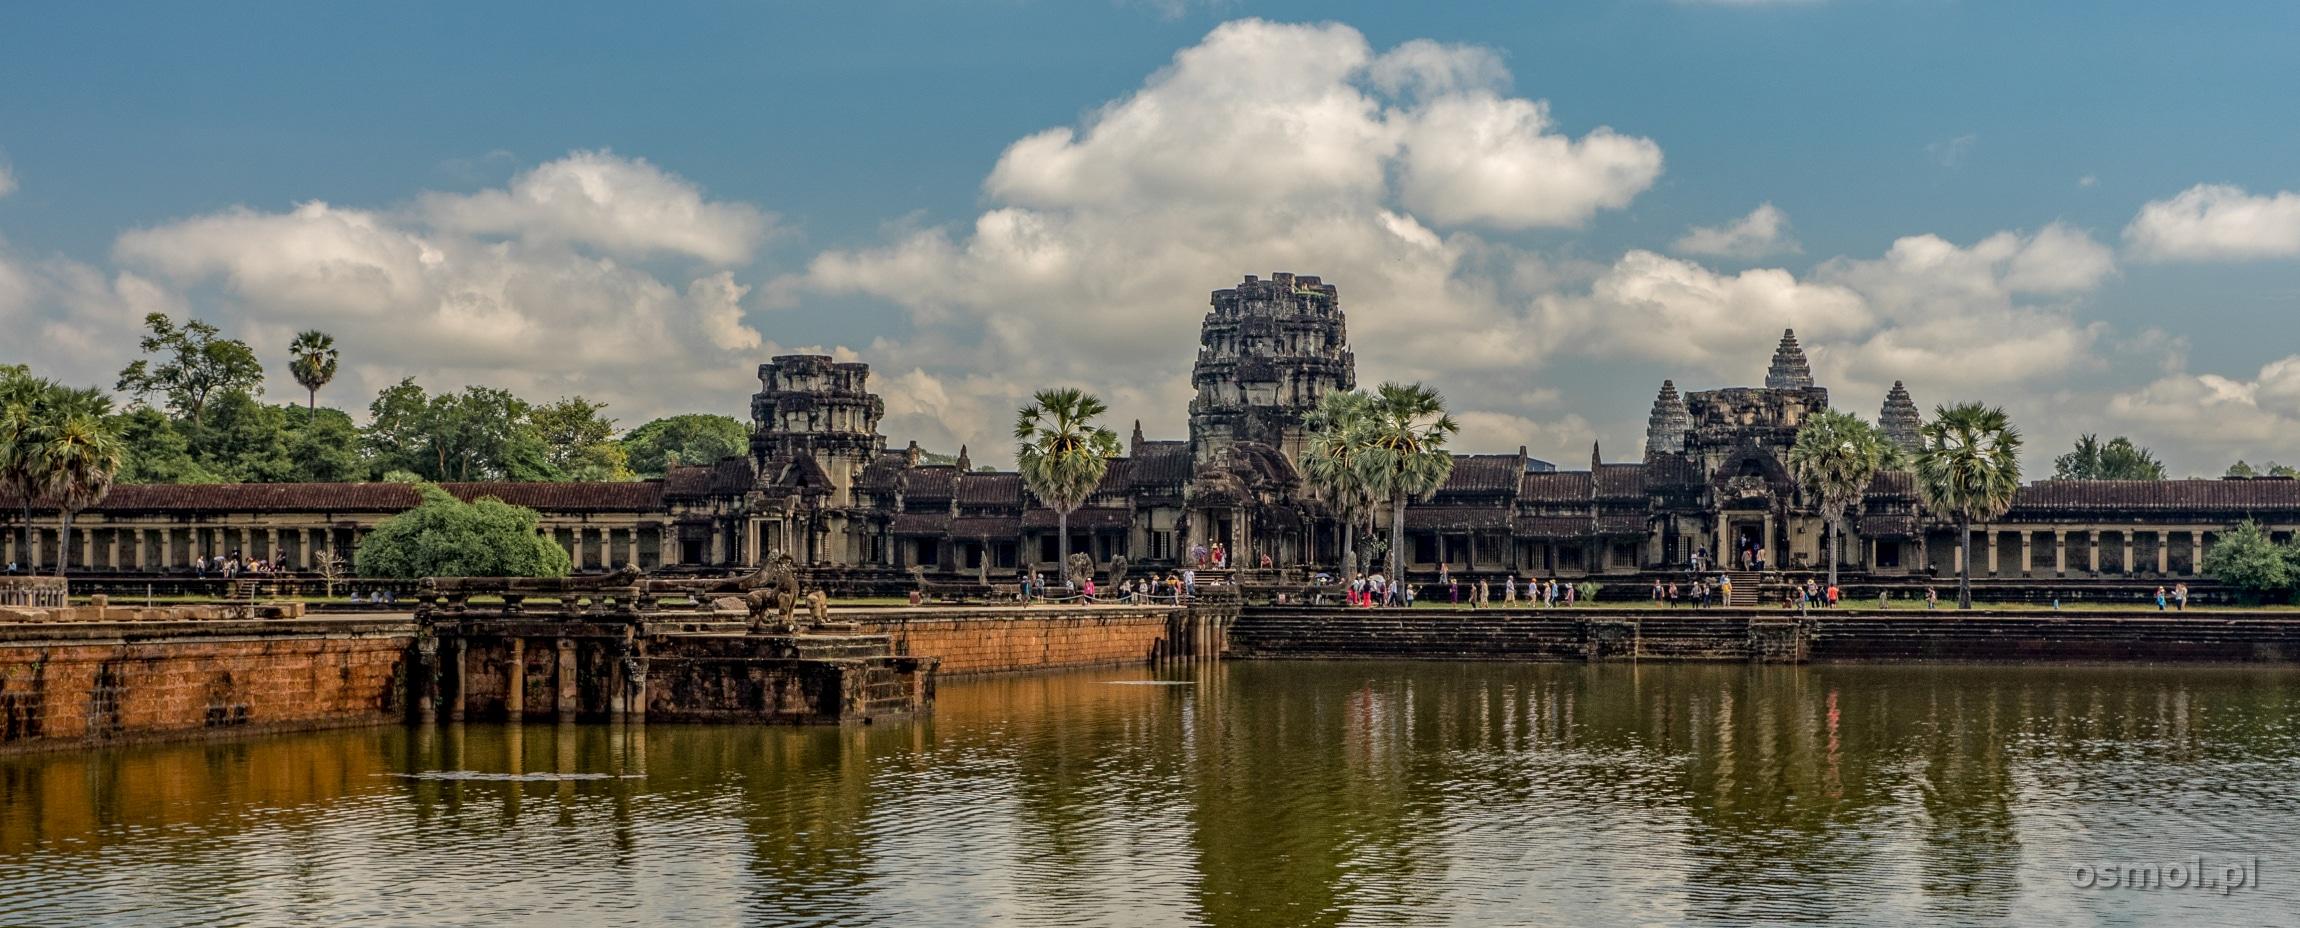 Szeroka fosa za nią kompleks Angkor Wat. Jeden z najpiękniejszych widoków świata